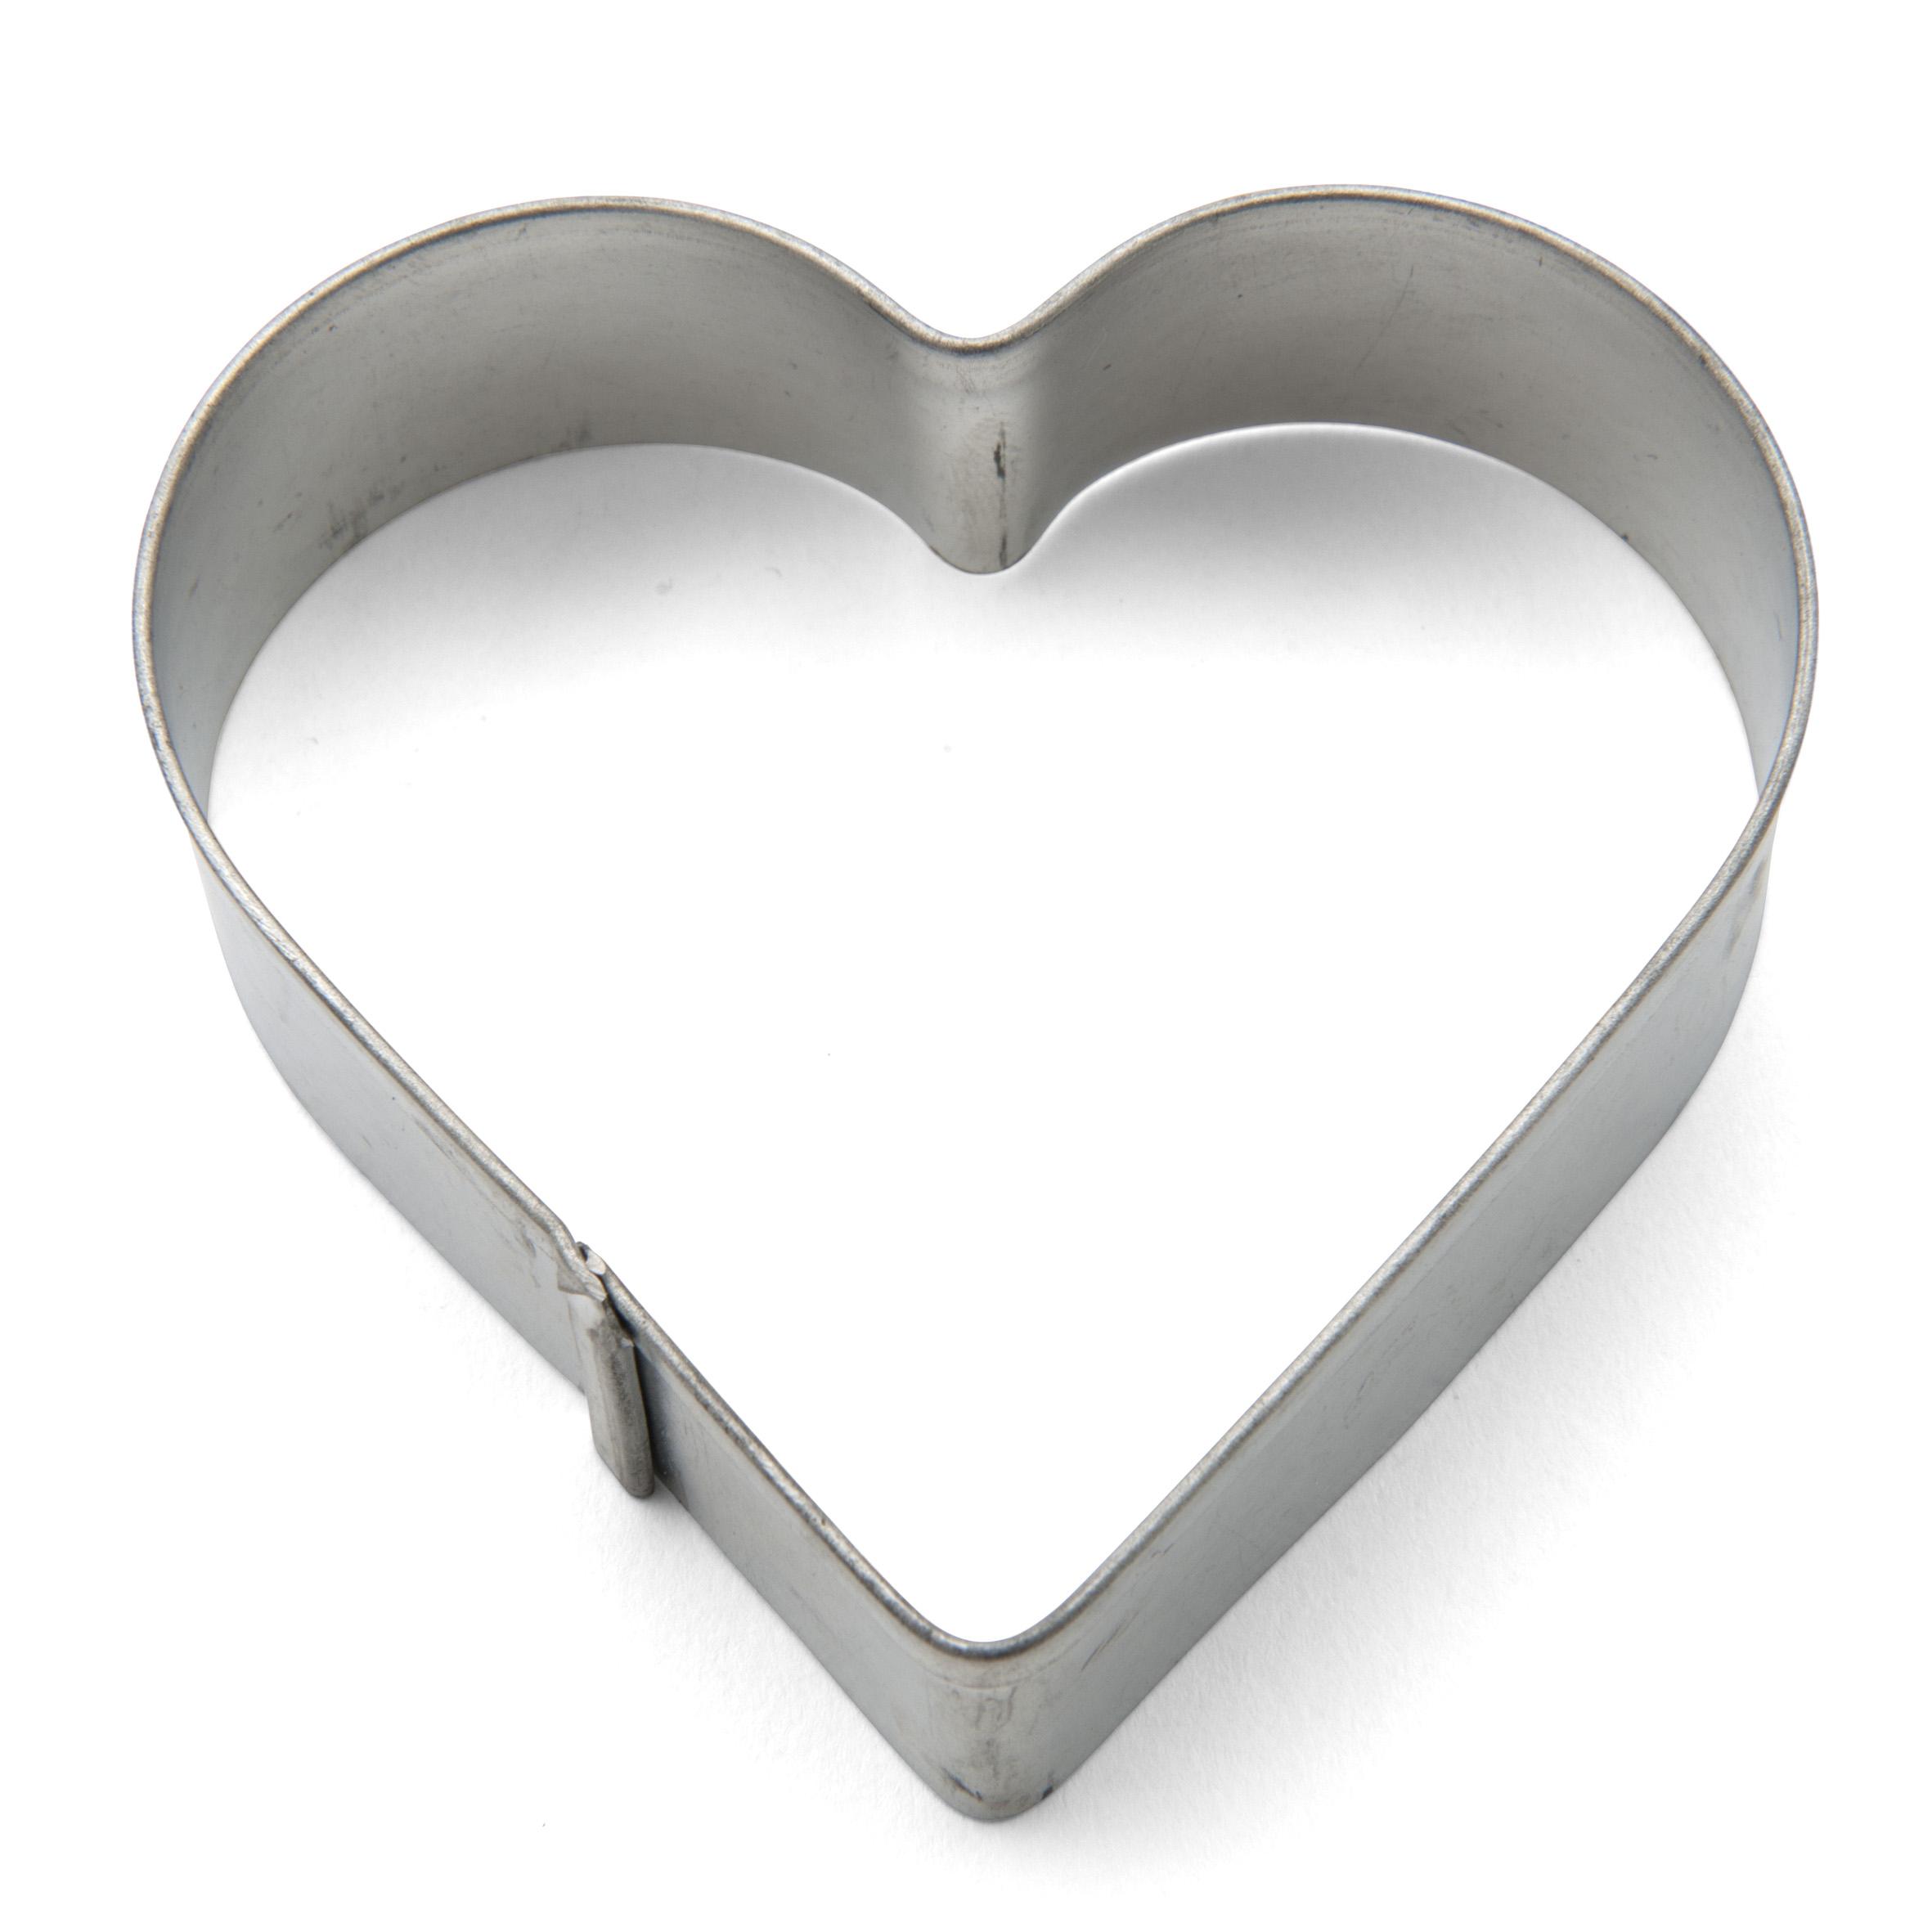 Heart Large Cookie Cutter Cuttercraft